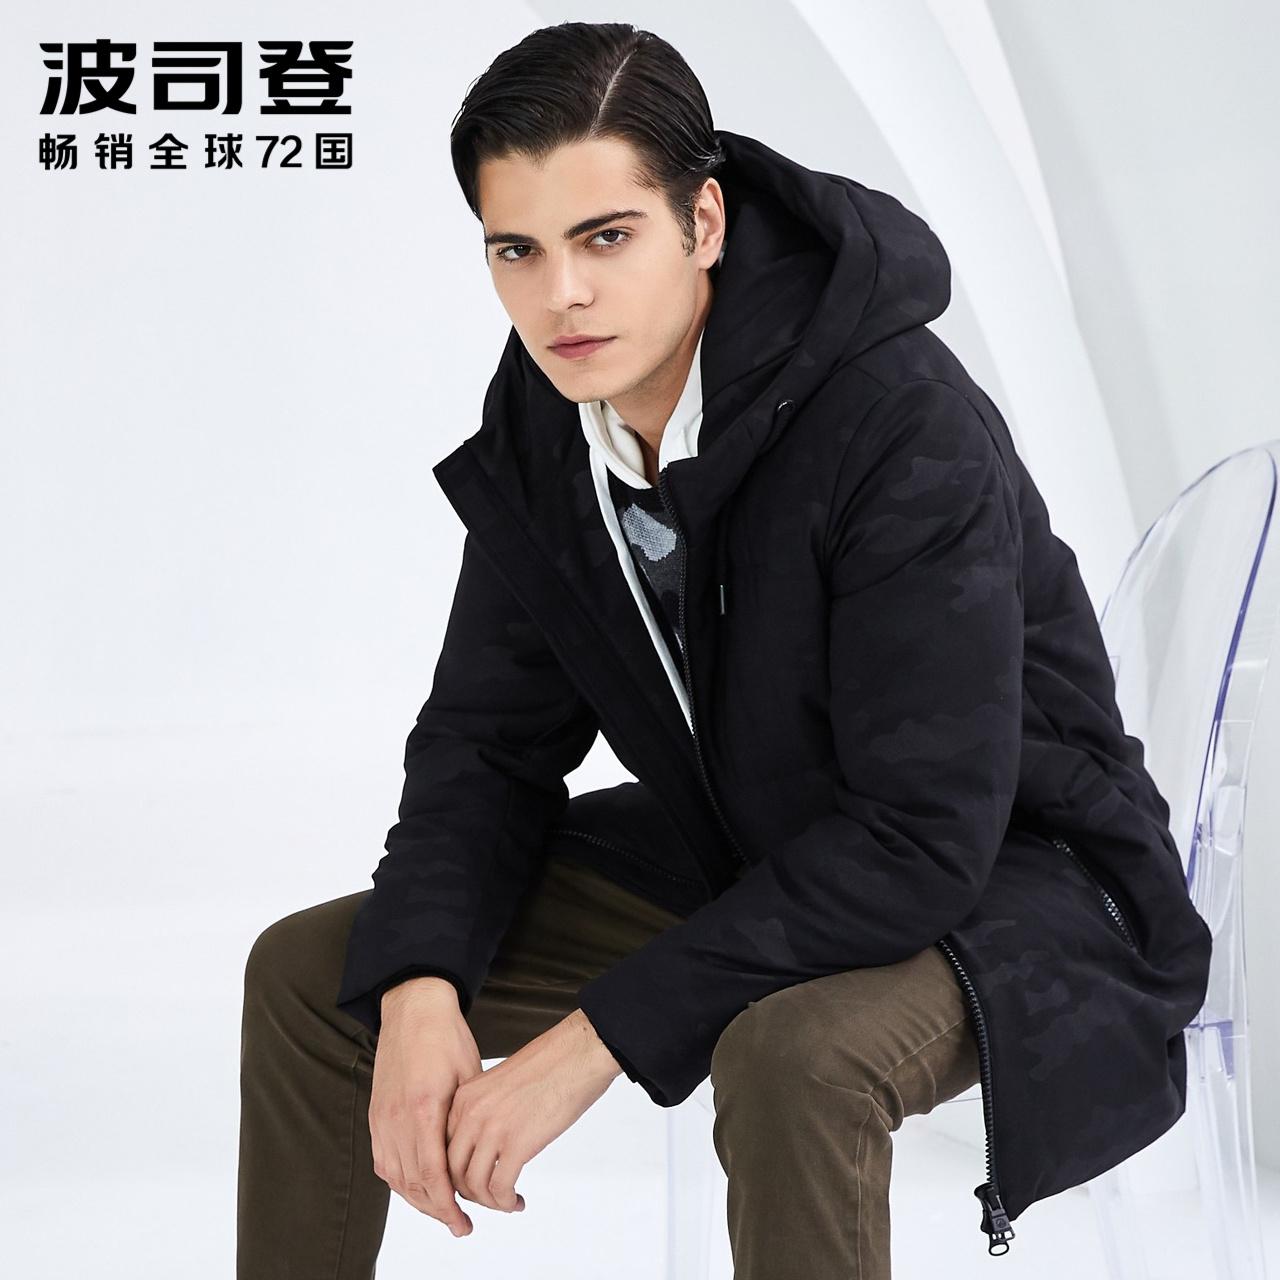 波司登羽绒服中长款男士冬季连帽防寒厚外套2018新款B80141005